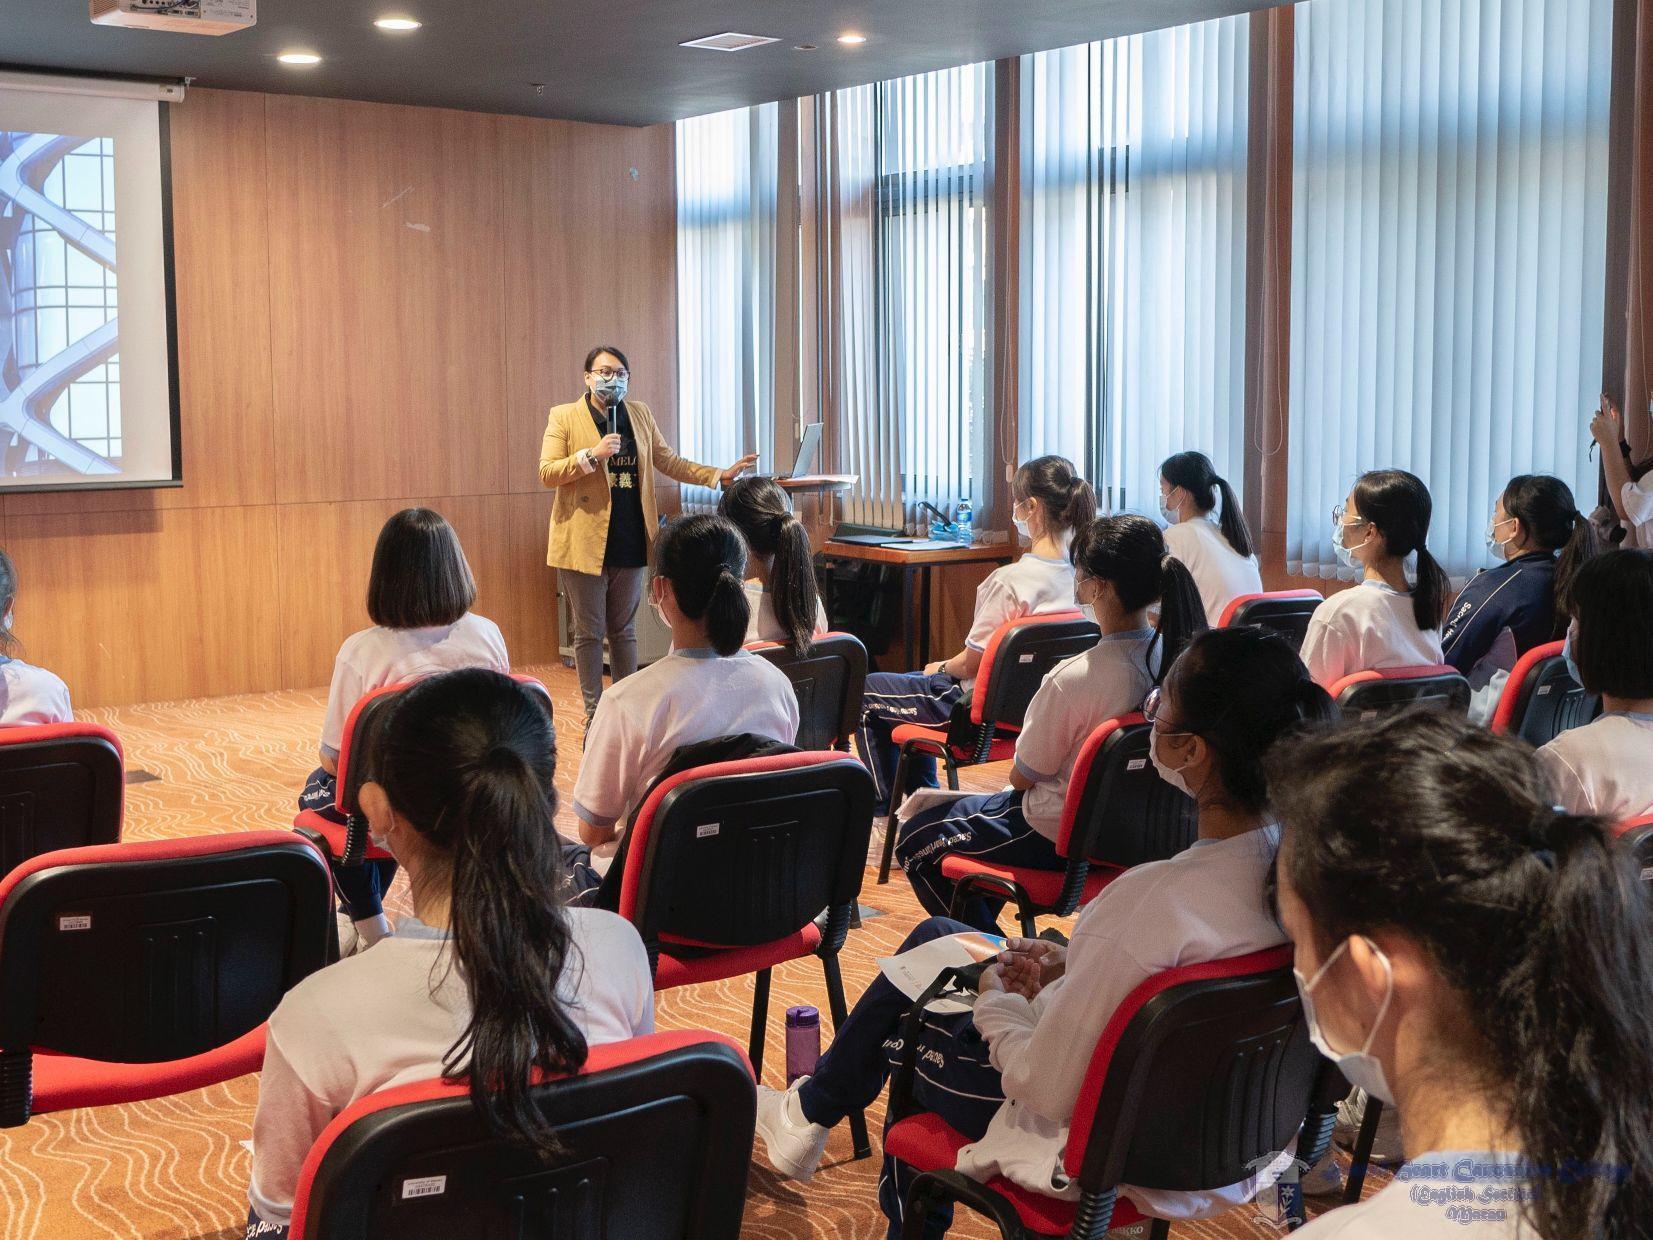 新濠博亞娛樂有限公司Ms. Almanda Leong 正在講解綜合度假村的人力資源概況